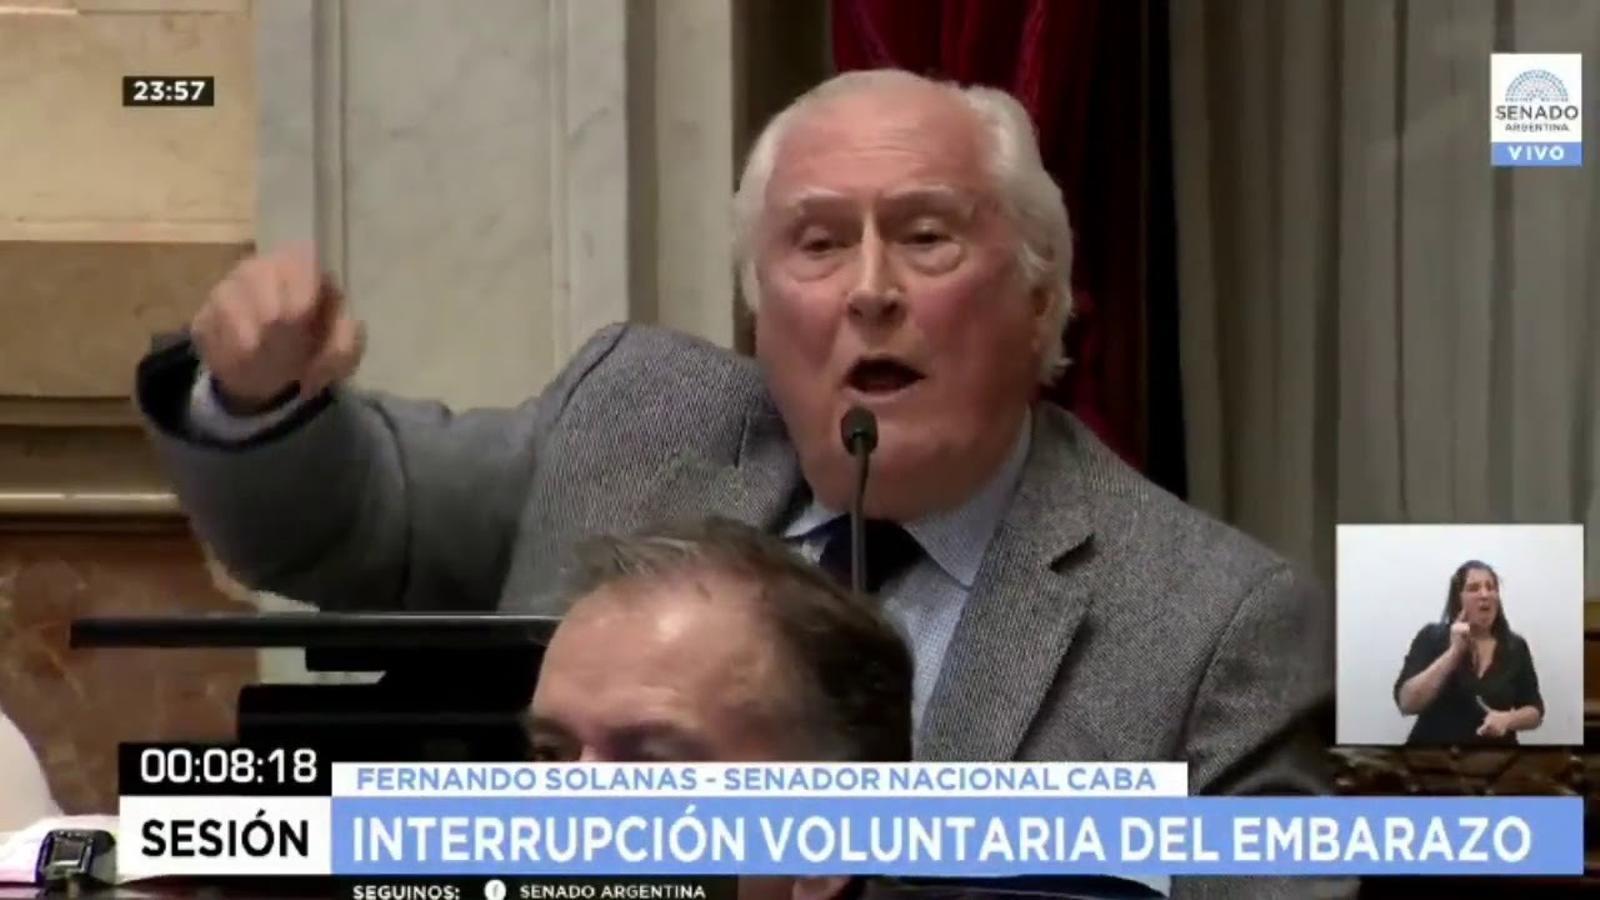 Discurs de Pino Solanas sobre la llei  que rebutja legalitzar l'avortament a l'Argentina